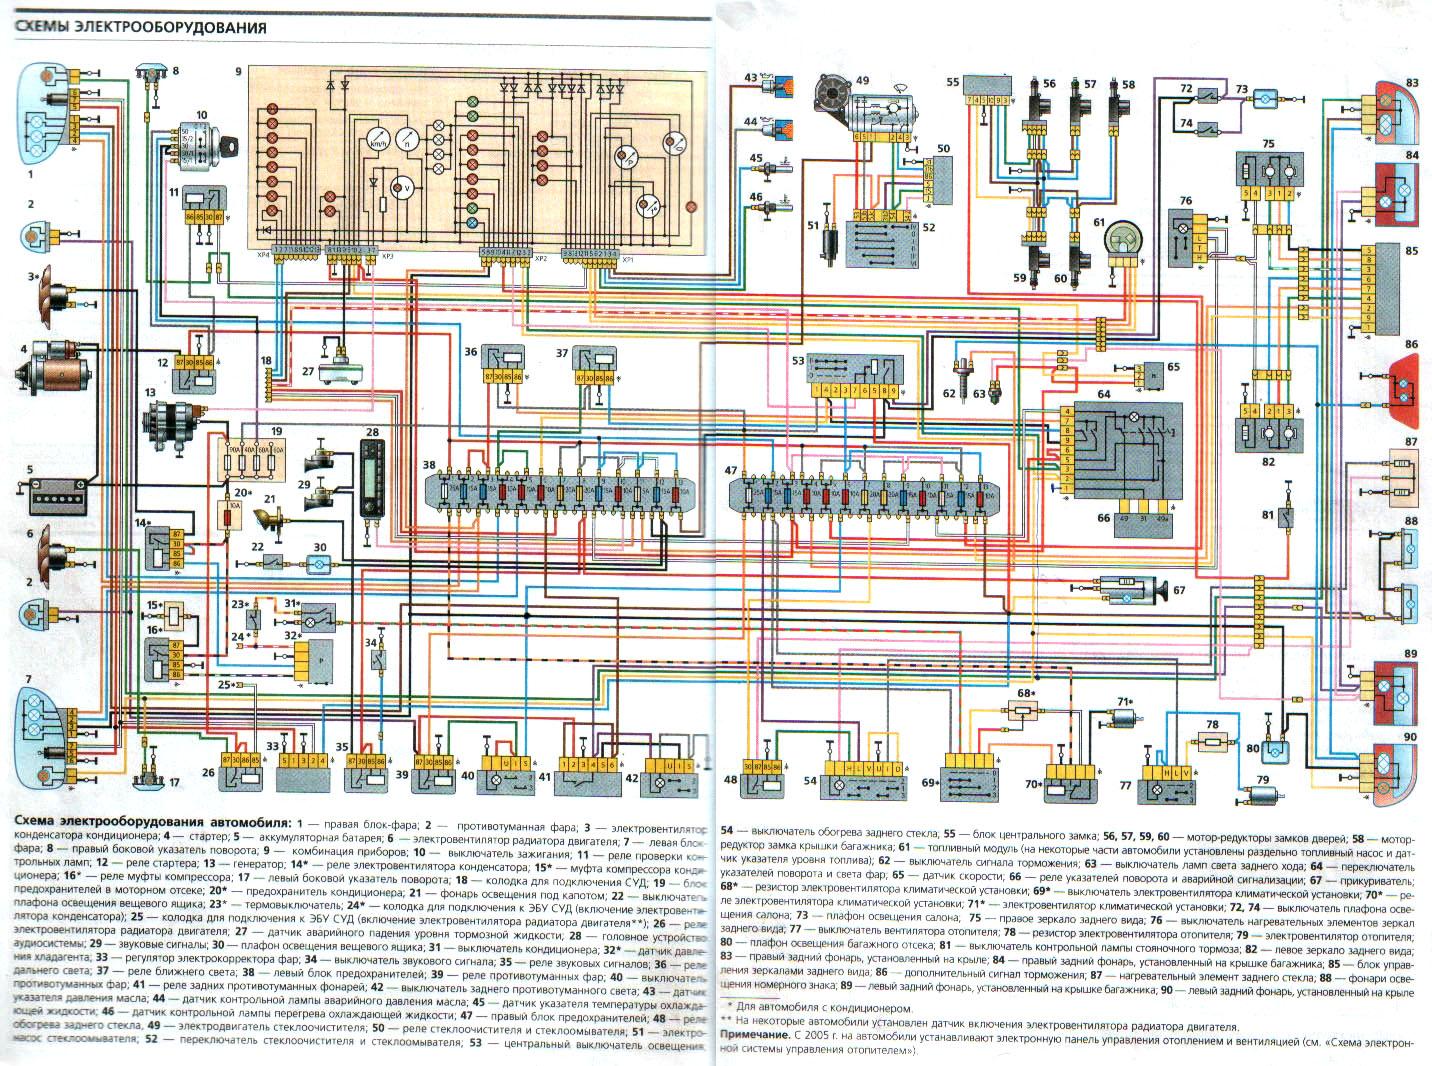 Принципиальные электрическая схема газ 31105